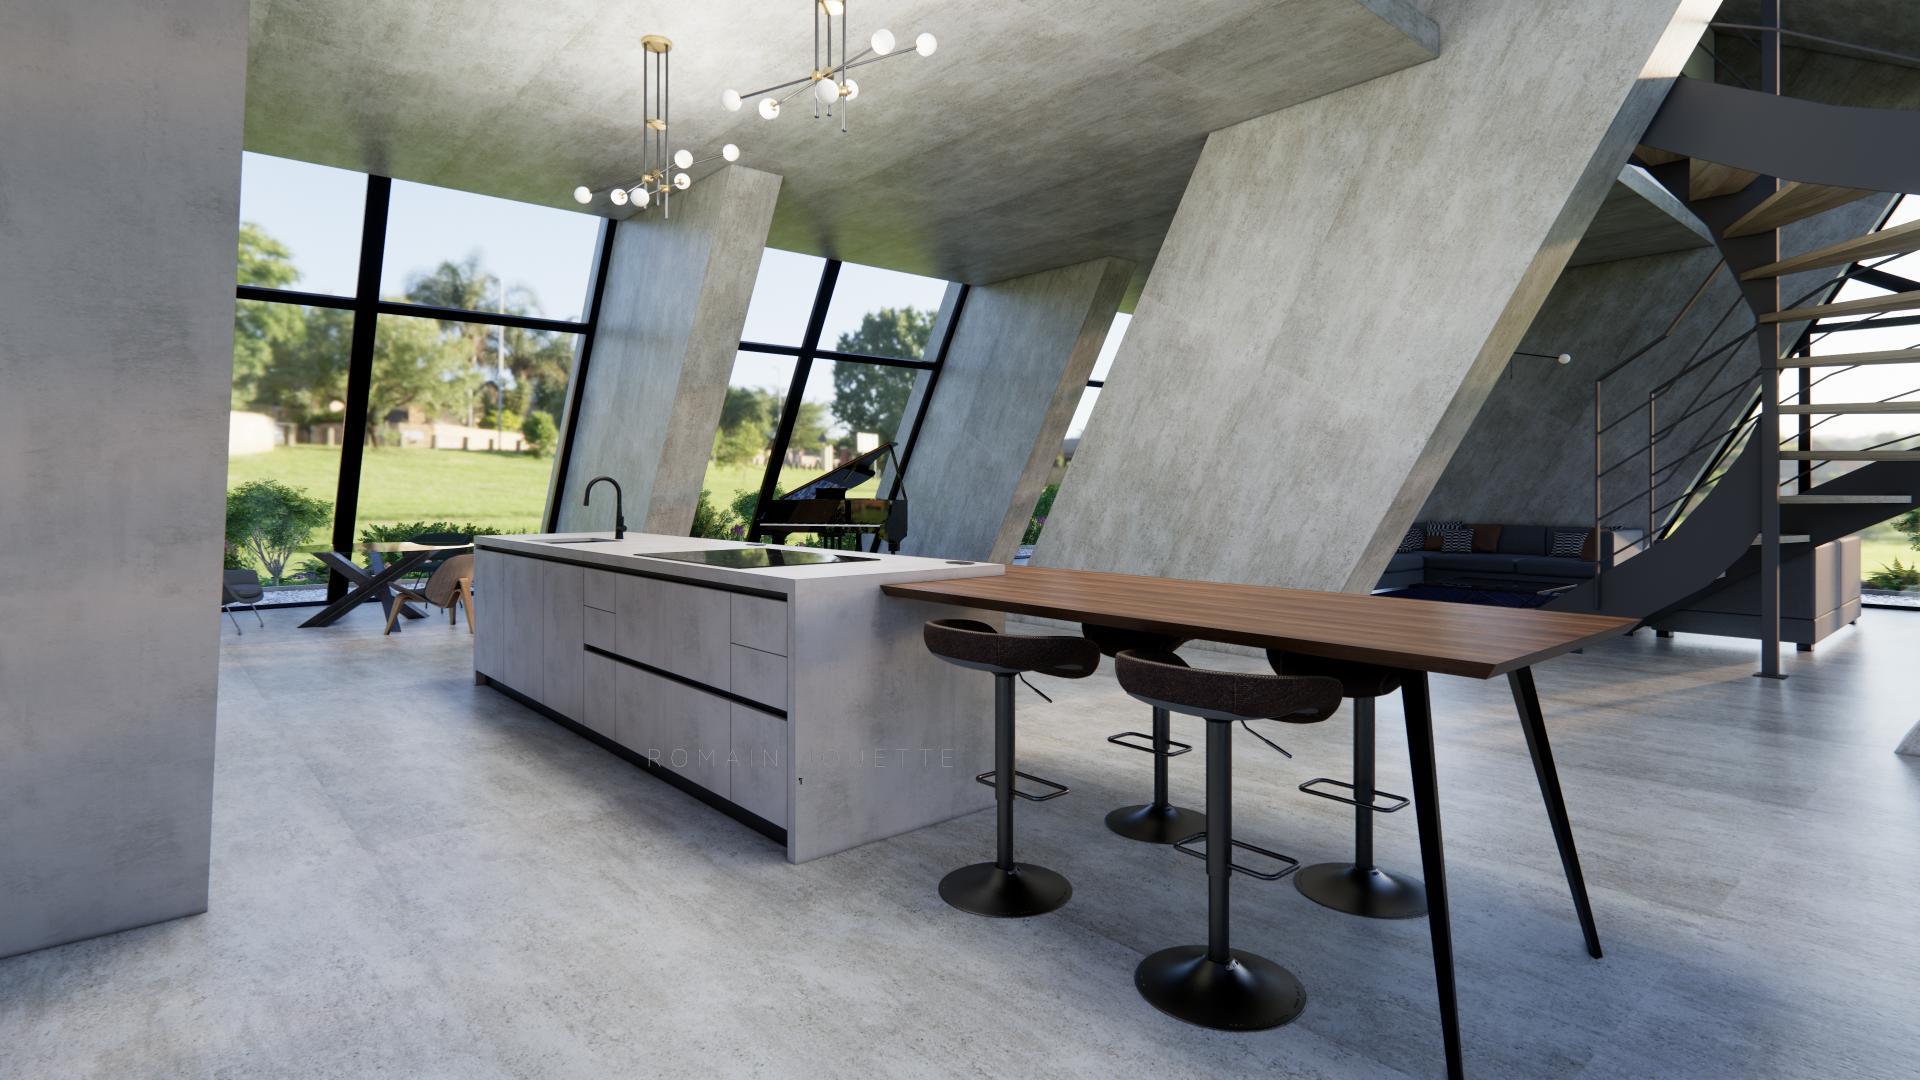 Cuisine loft beton moderne design dekton noyer g